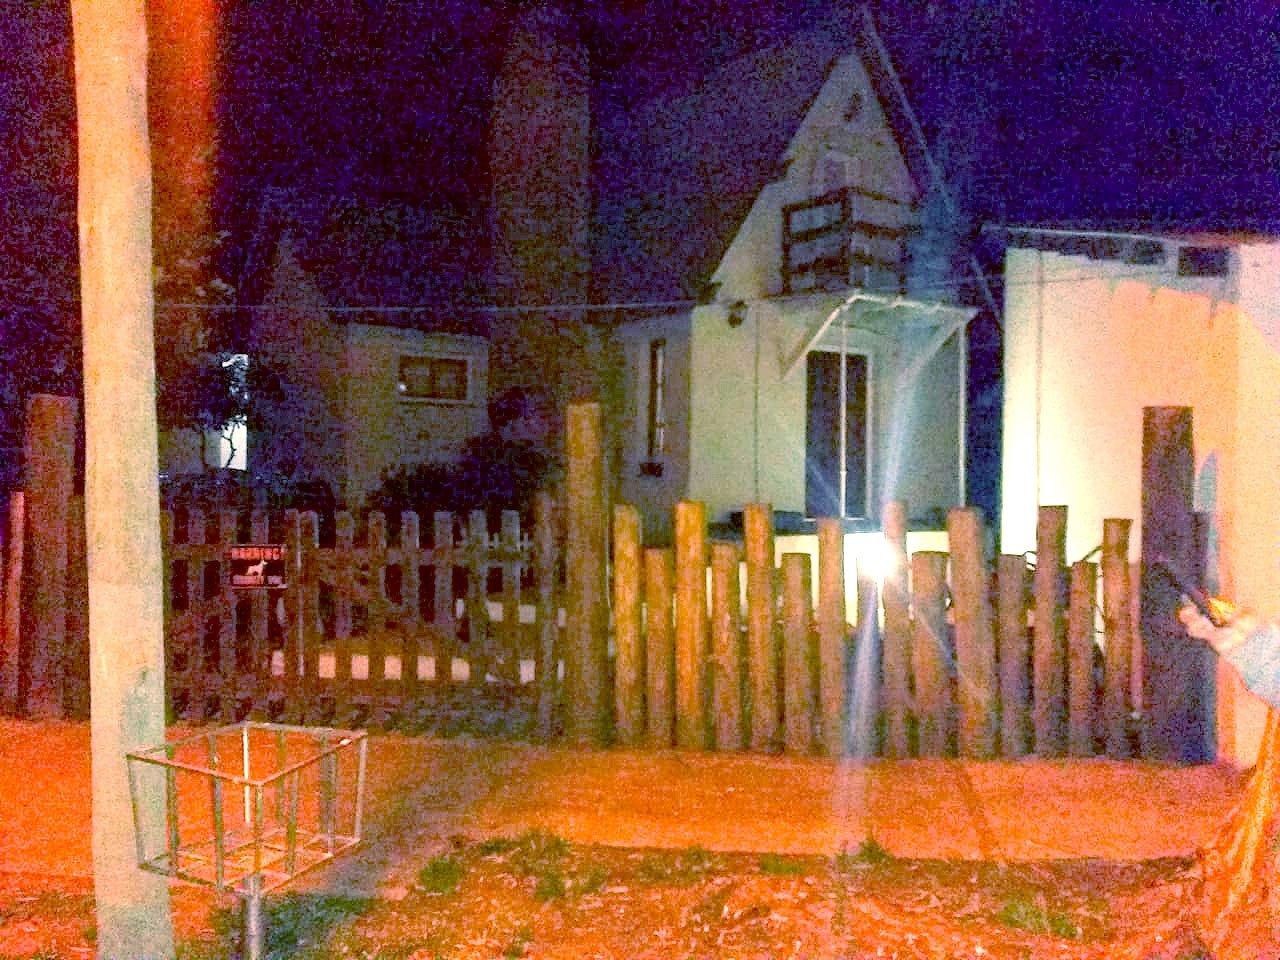 Apedrearon una casa en Reta. El agresor identificado. Hay causa penal